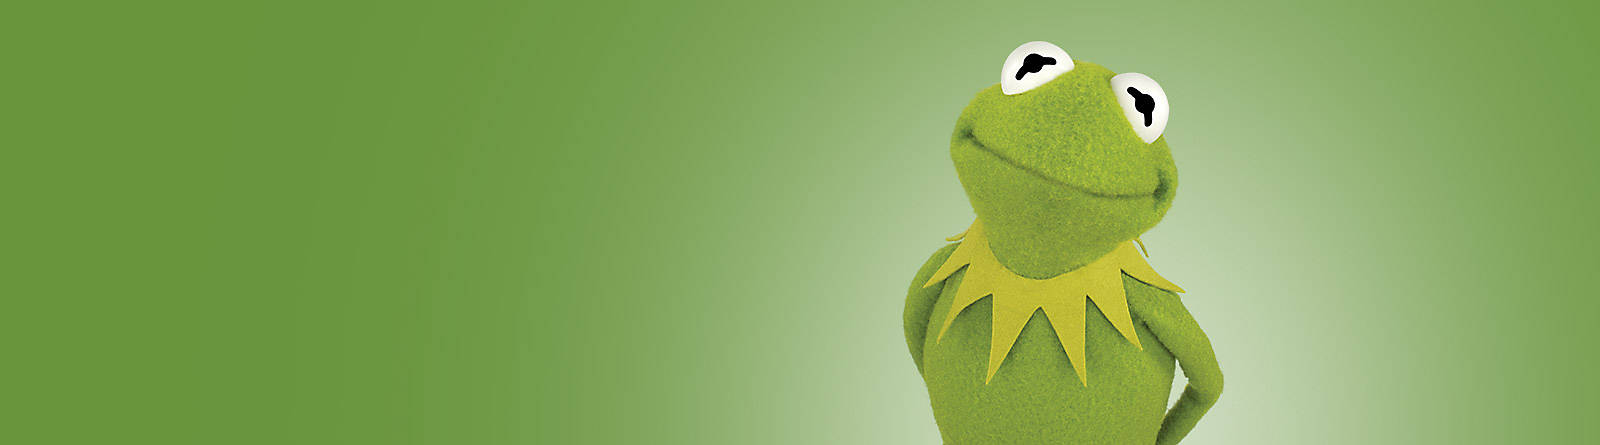 Die Muppets Entdecke alle Fanartikel von den Muppets wie Kuscheltiere, Wandbilder und vieles mehr.